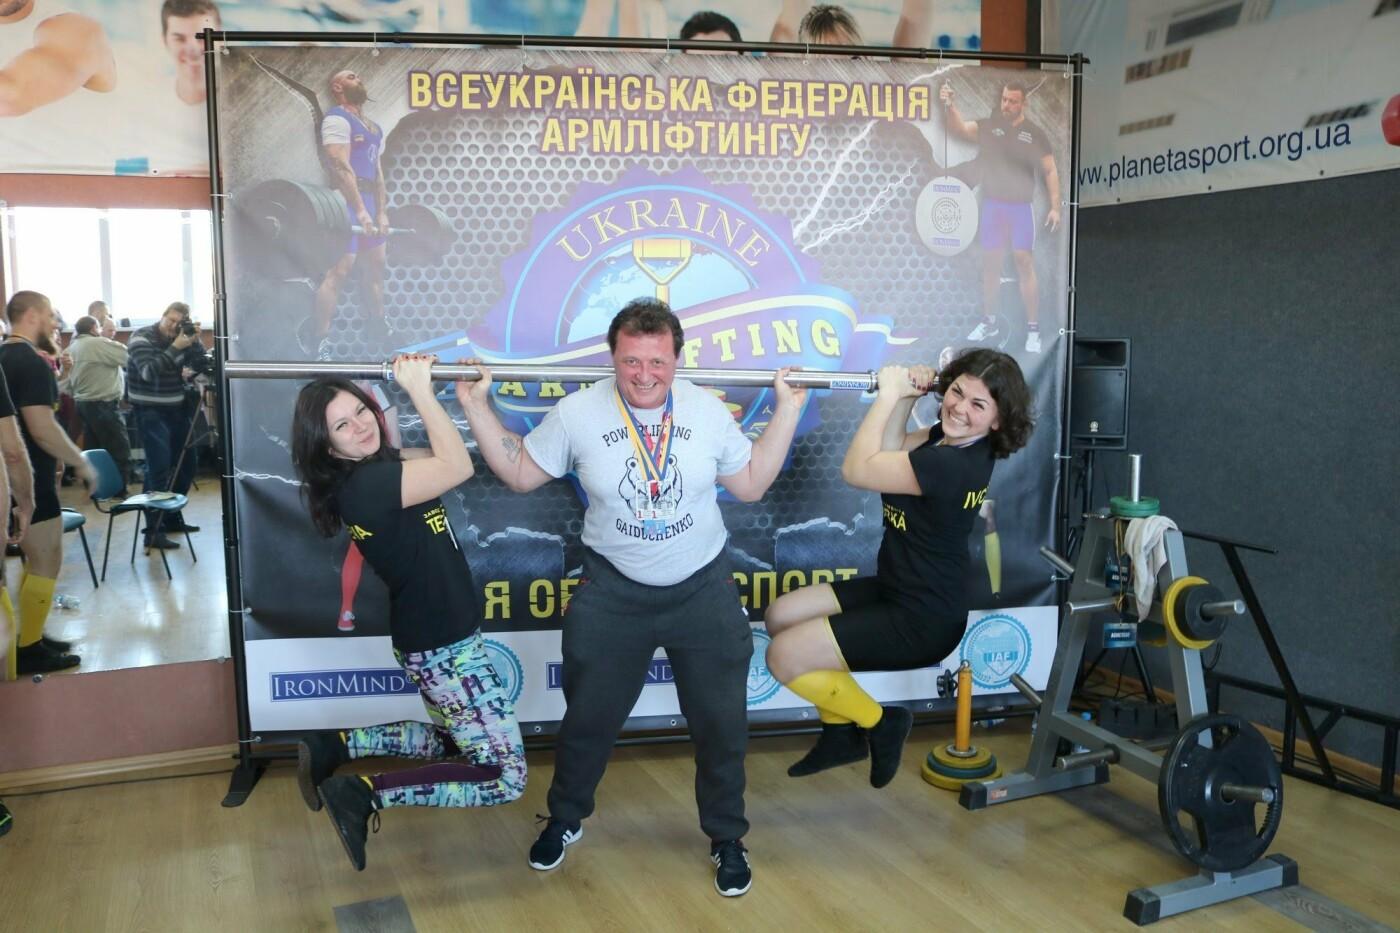 Каменчанка Людмила Гайдученко получила нагрудный знак за достижения в армлифтинге, фото-4